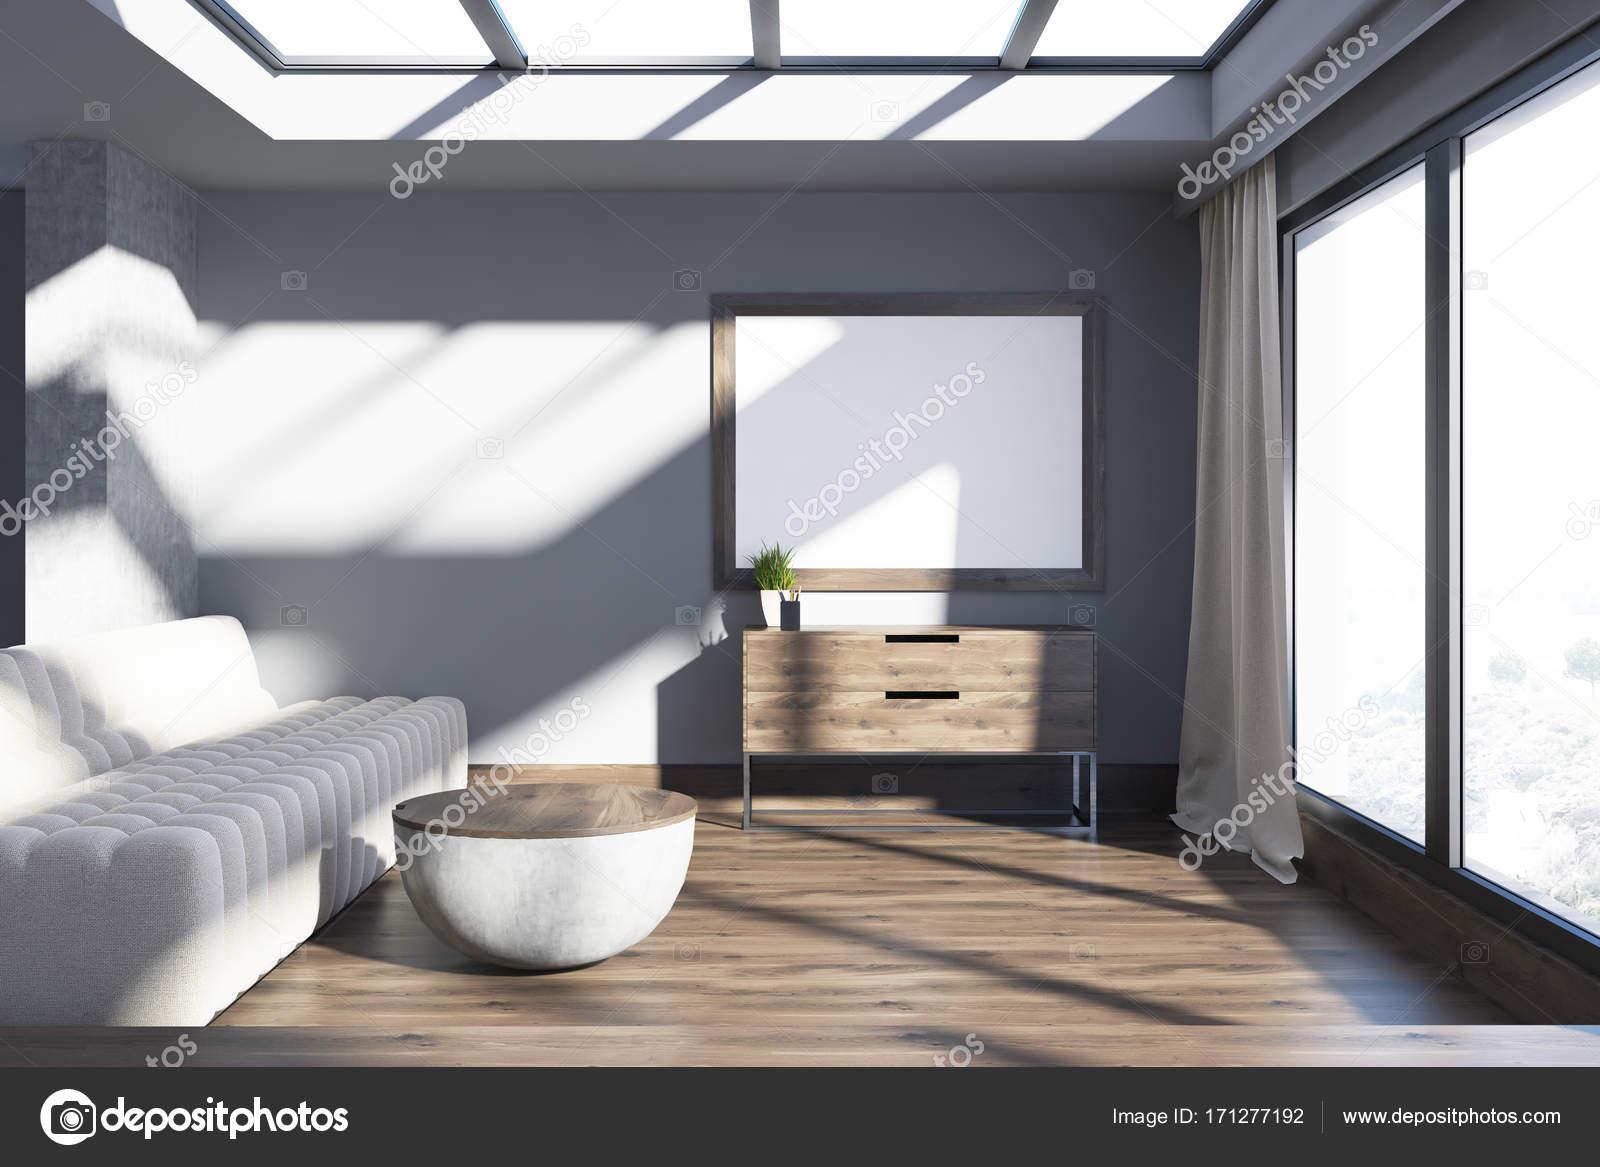 Minimalistische grau wohnzimmer sofa und poster u2014 stockfoto #171277192